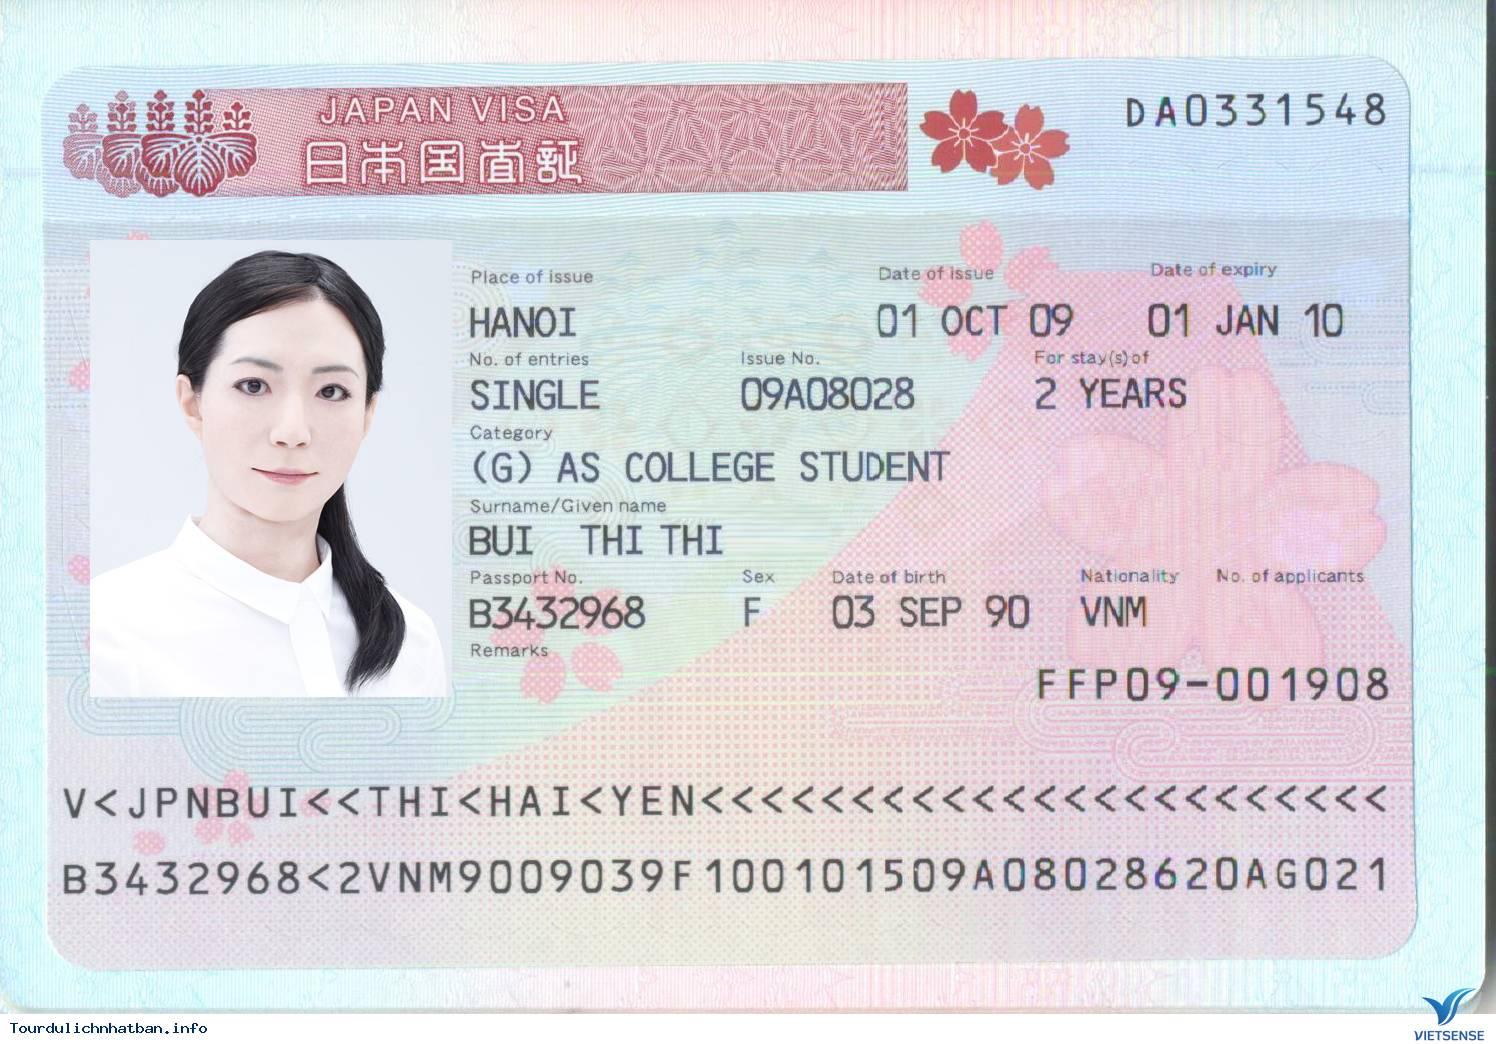 đi Nhật Bản có cần visa không?